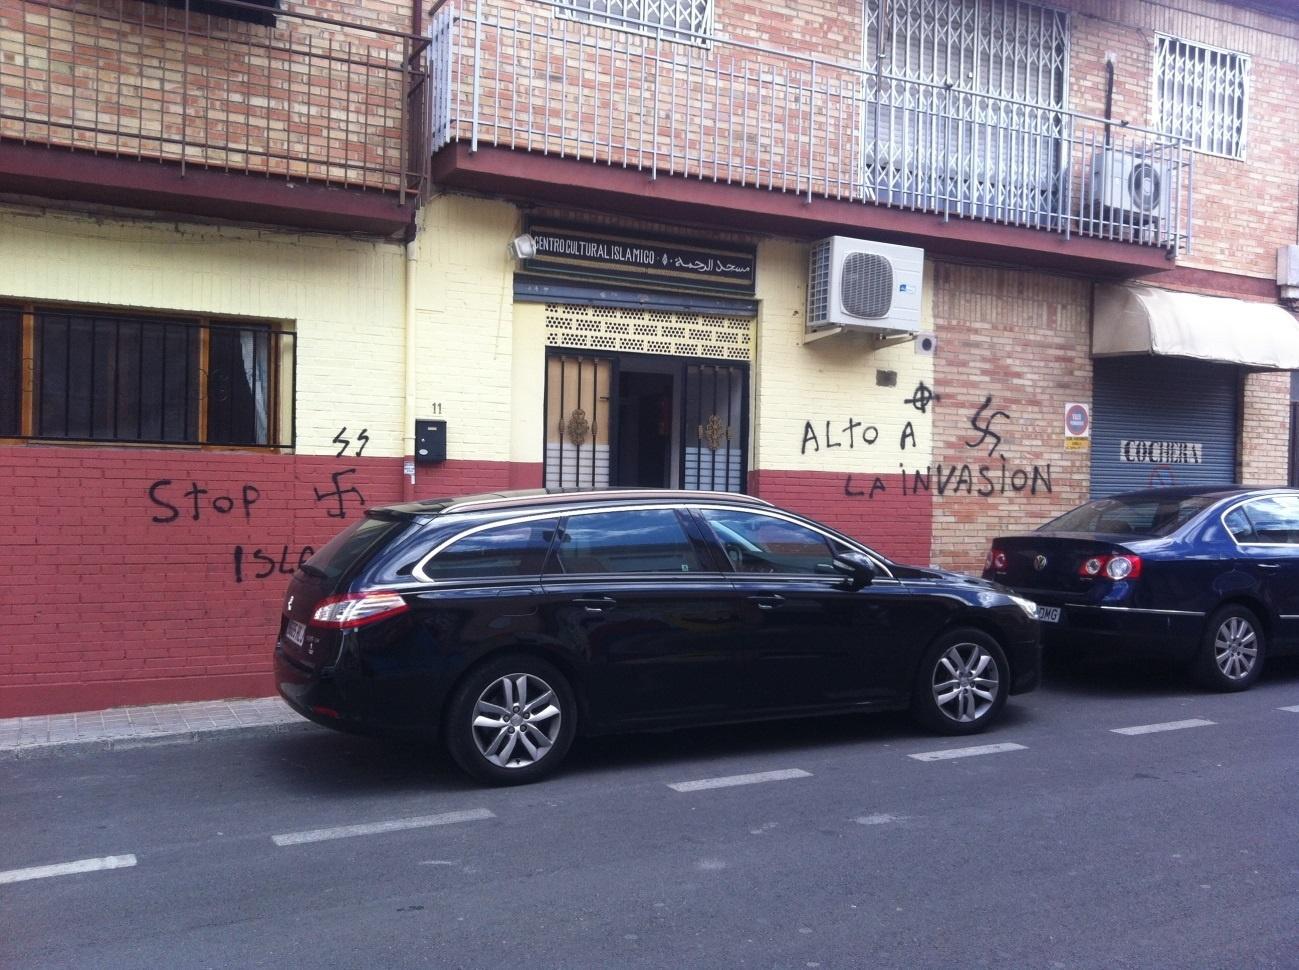 La Comisión Islámica de España denuncia la aparición de pintadas xenófobas en una mezquita de Armilla